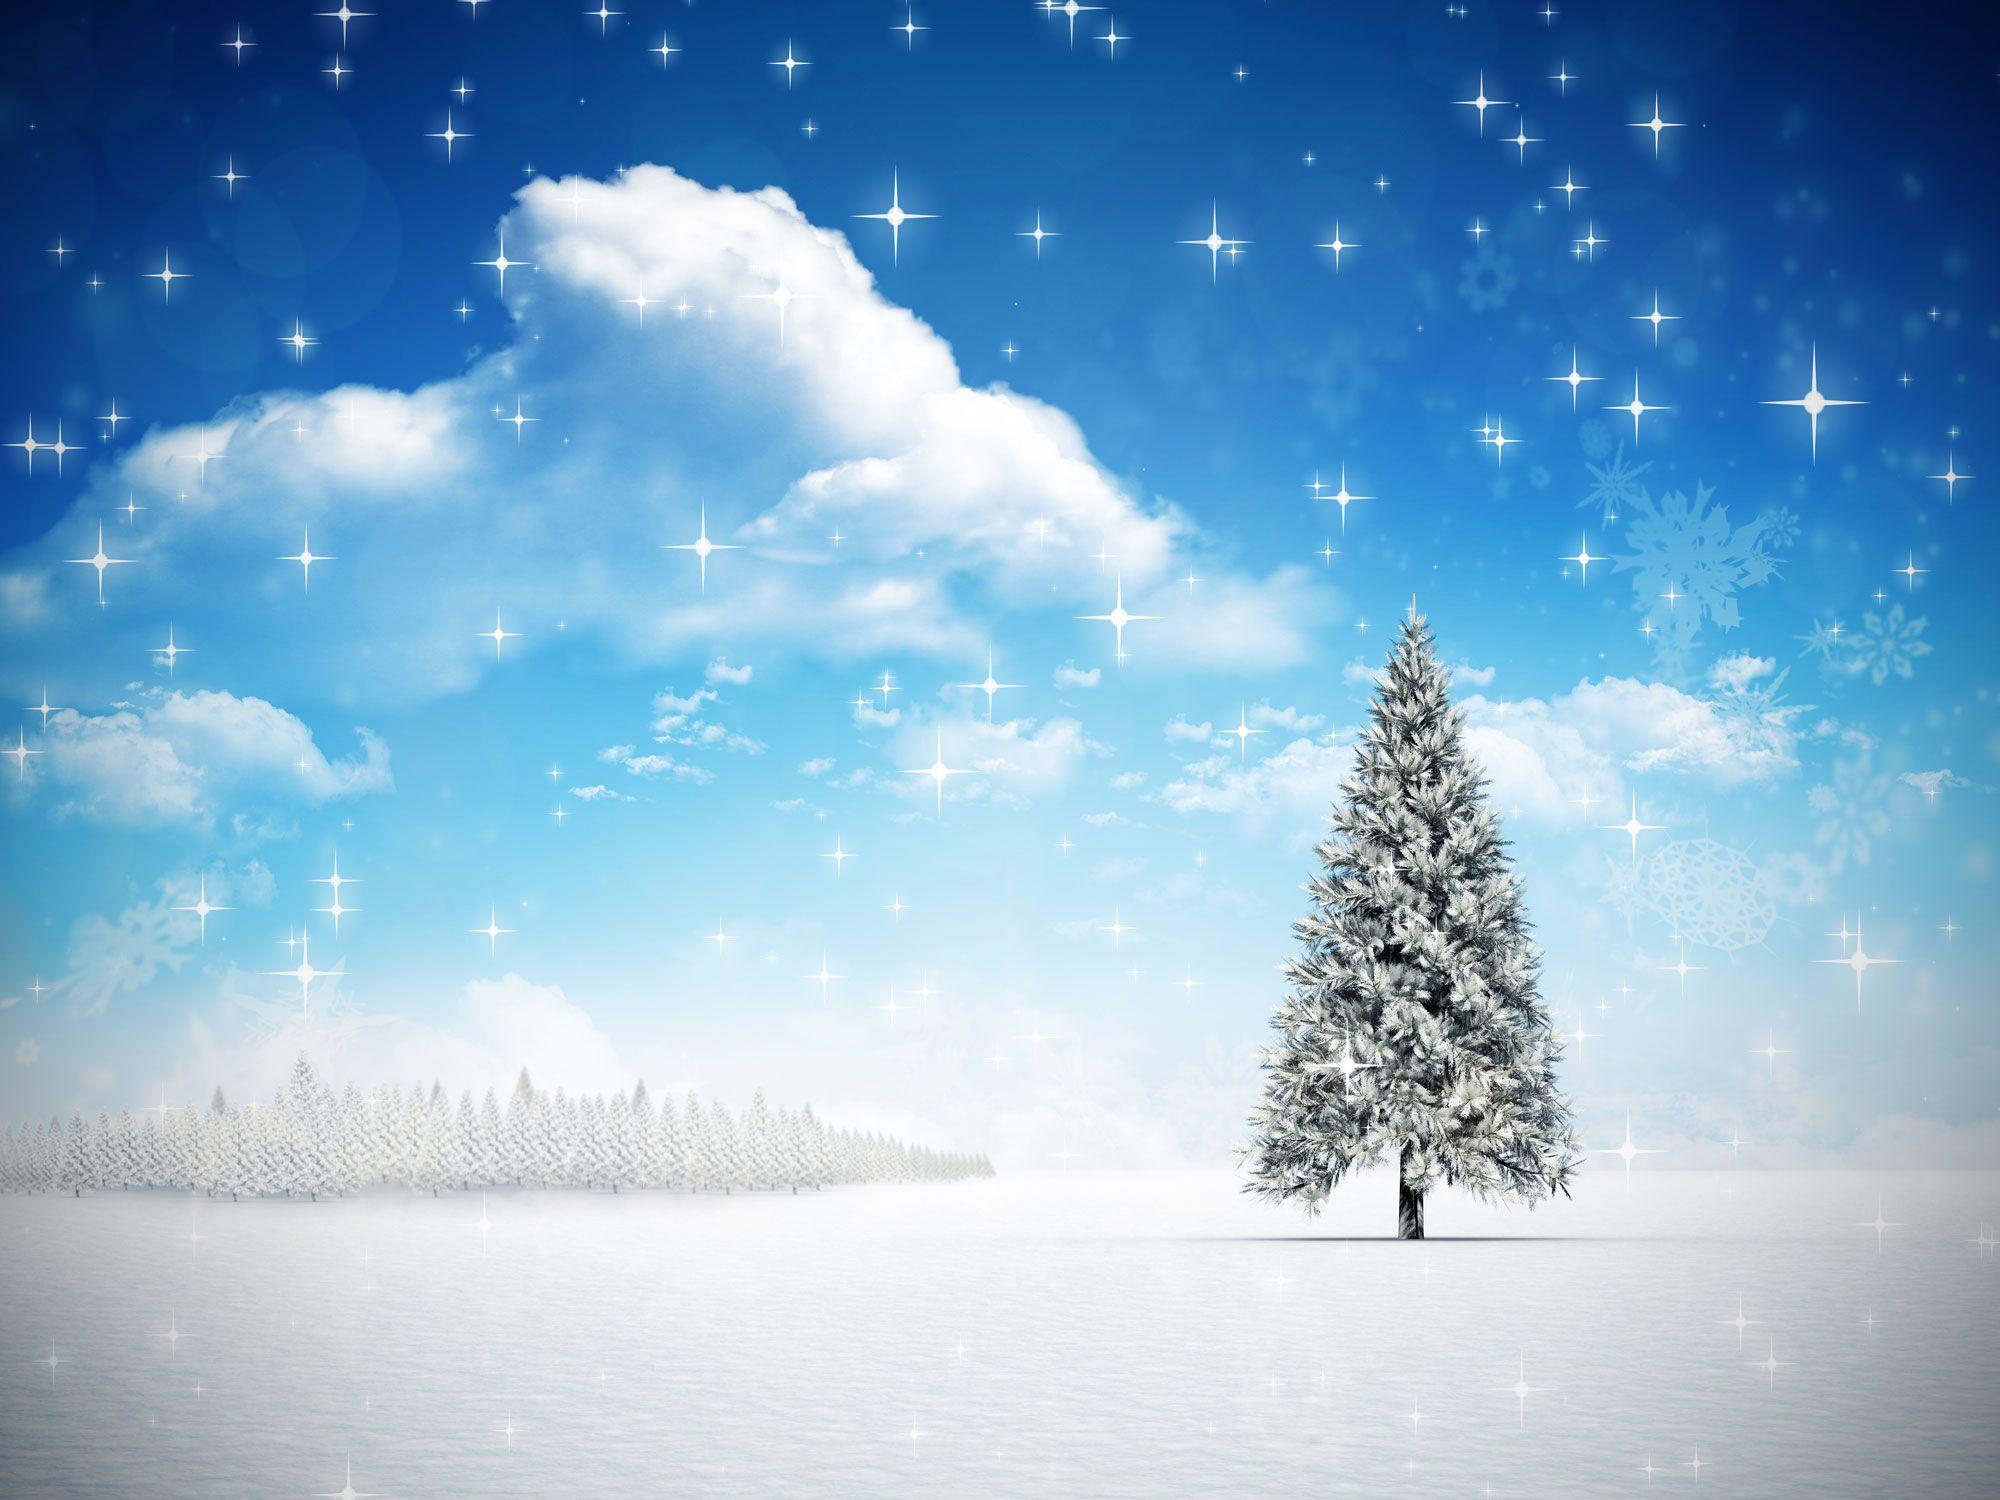 Blue Sky Белых облака Снежинка елочки Vinyl фотографической фоны Рождественские Солнечные обои Photo Booth для зимних студии реквизита